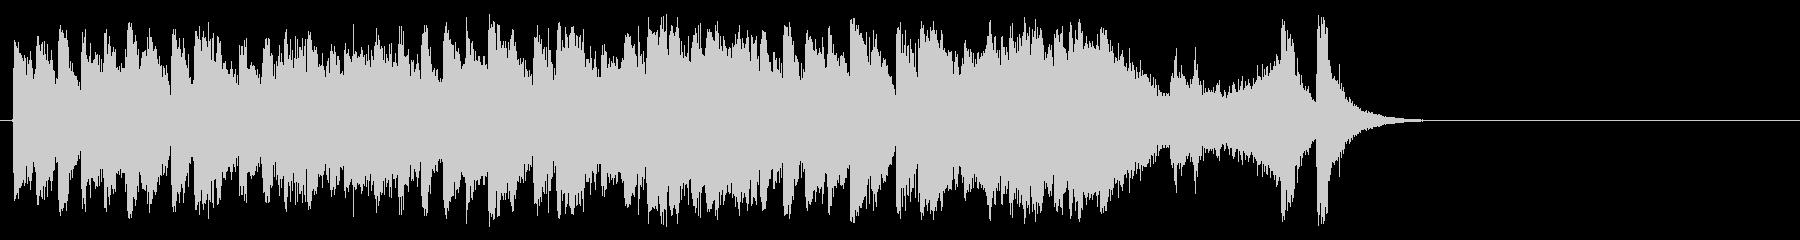 和やかなポップ BGM(サビ)の未再生の波形